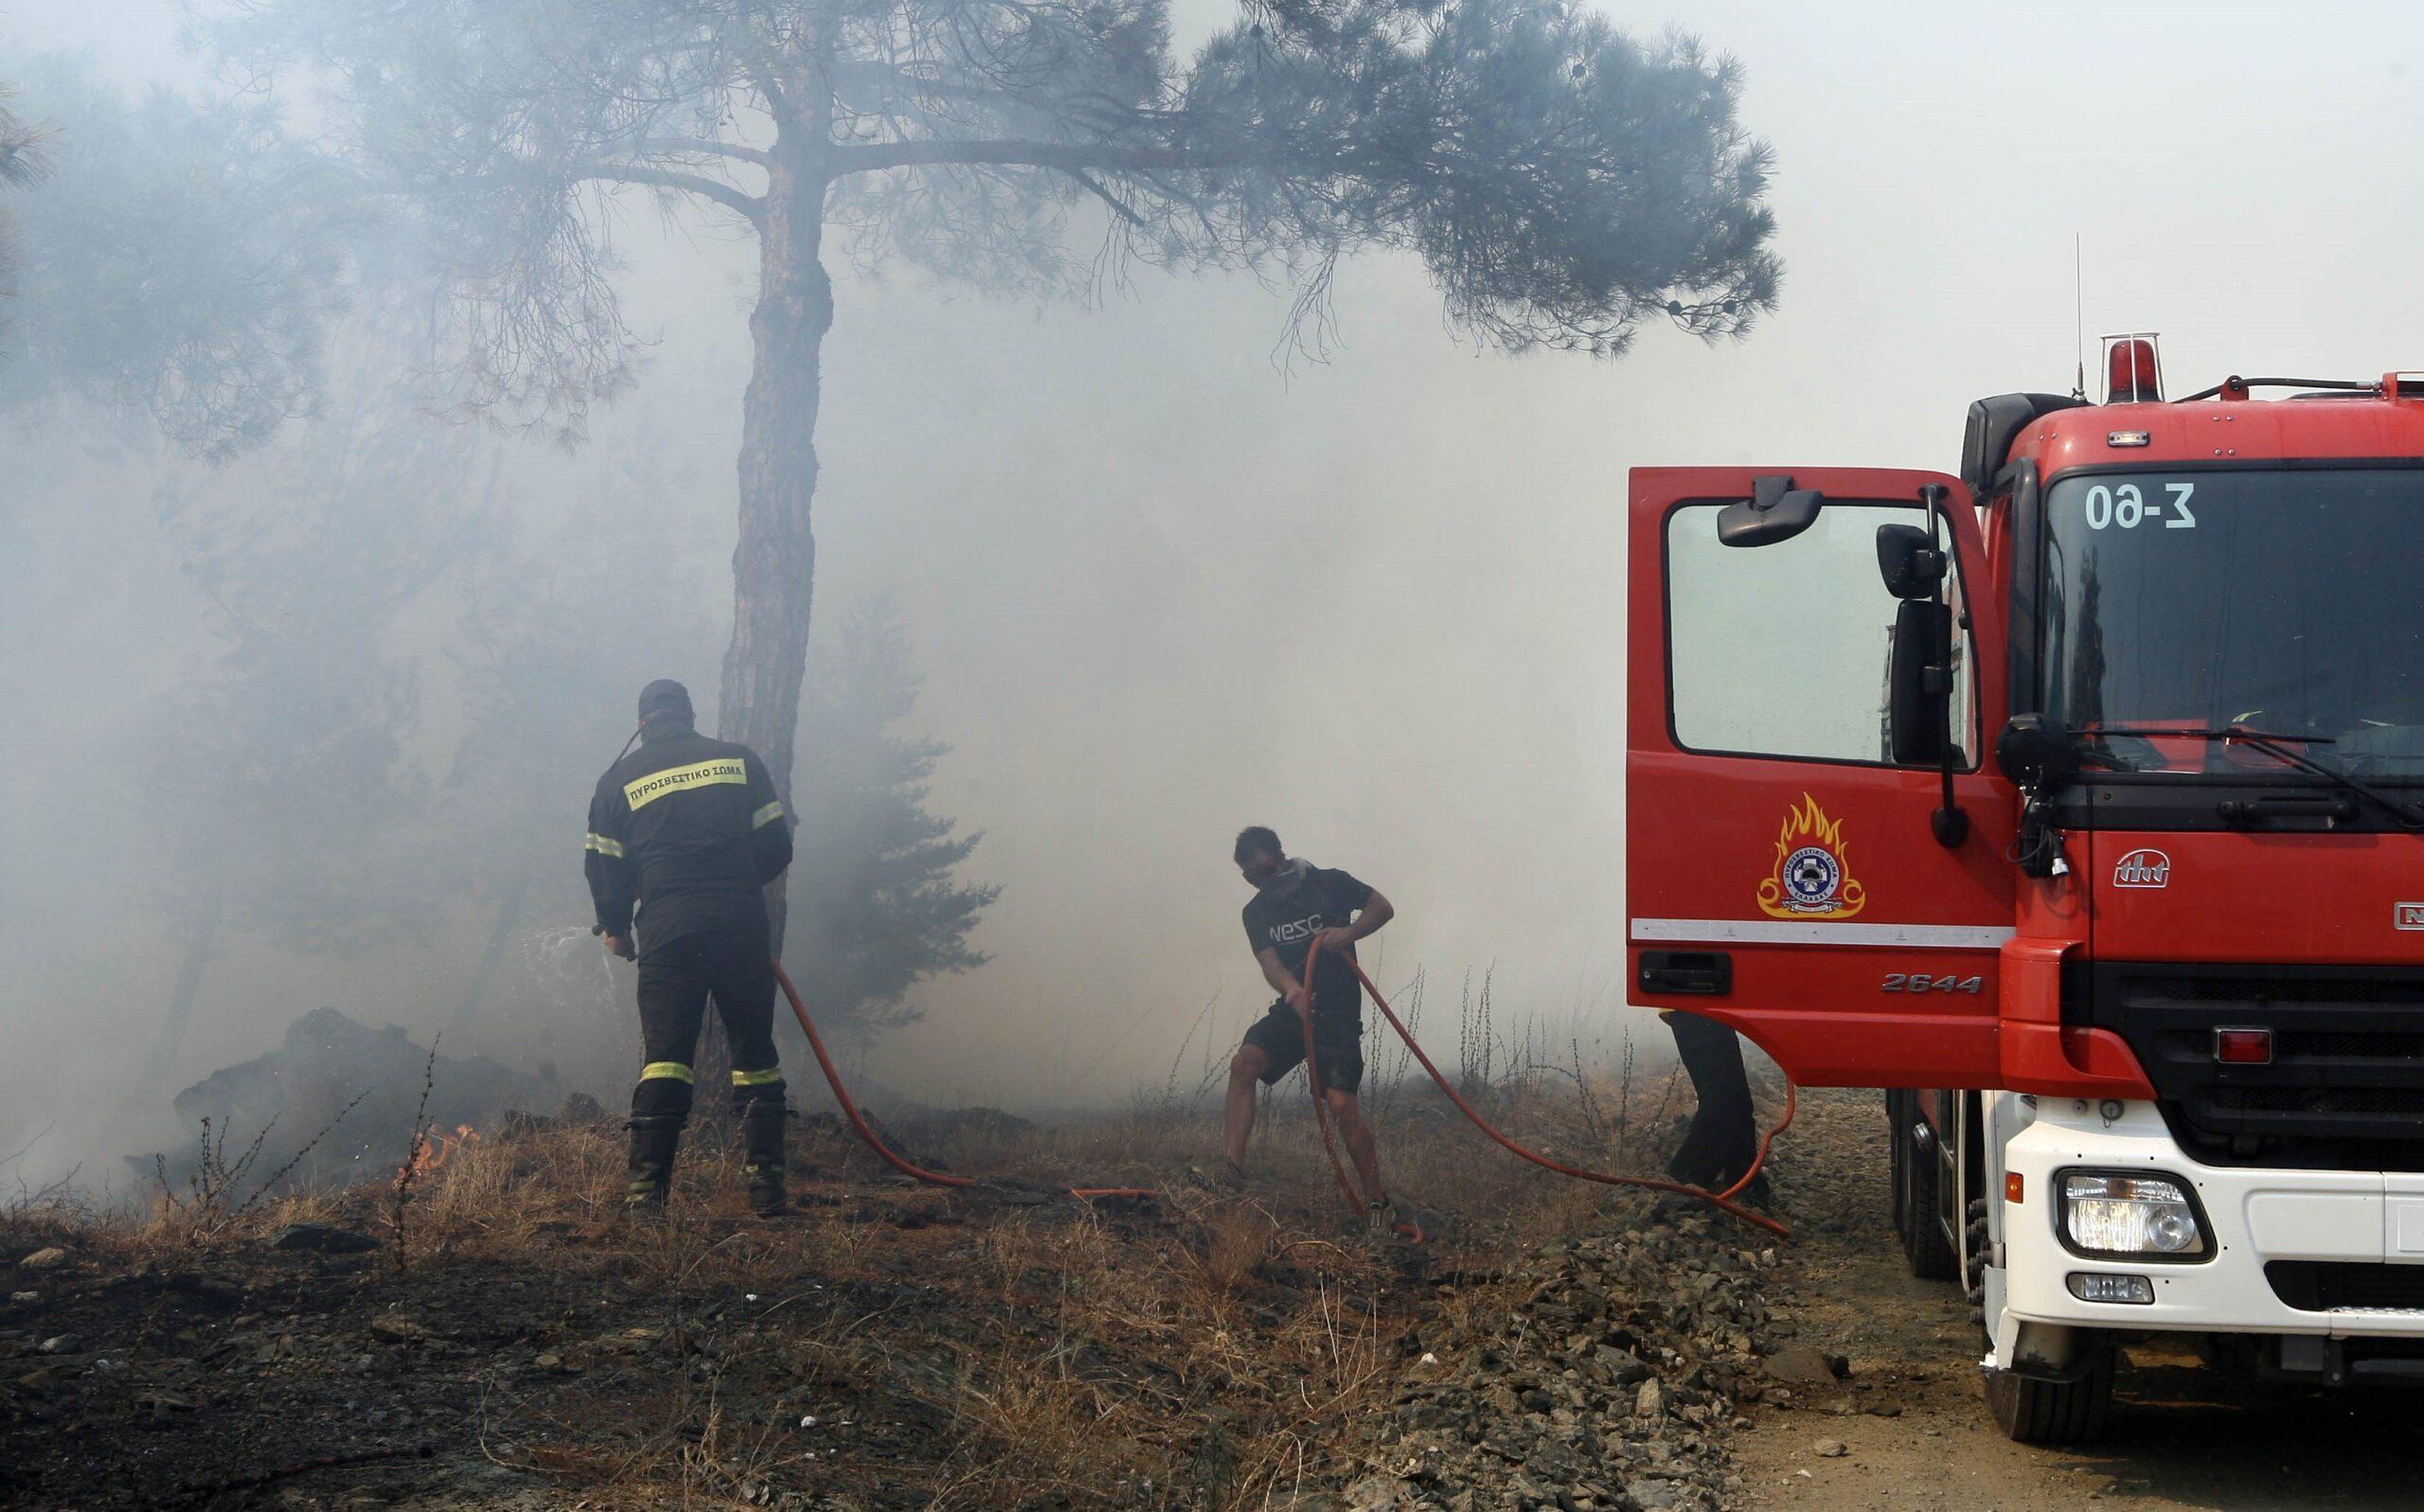 Πυρκαγιά σε δασική έκταση στις Κροκεές Λακωνίας